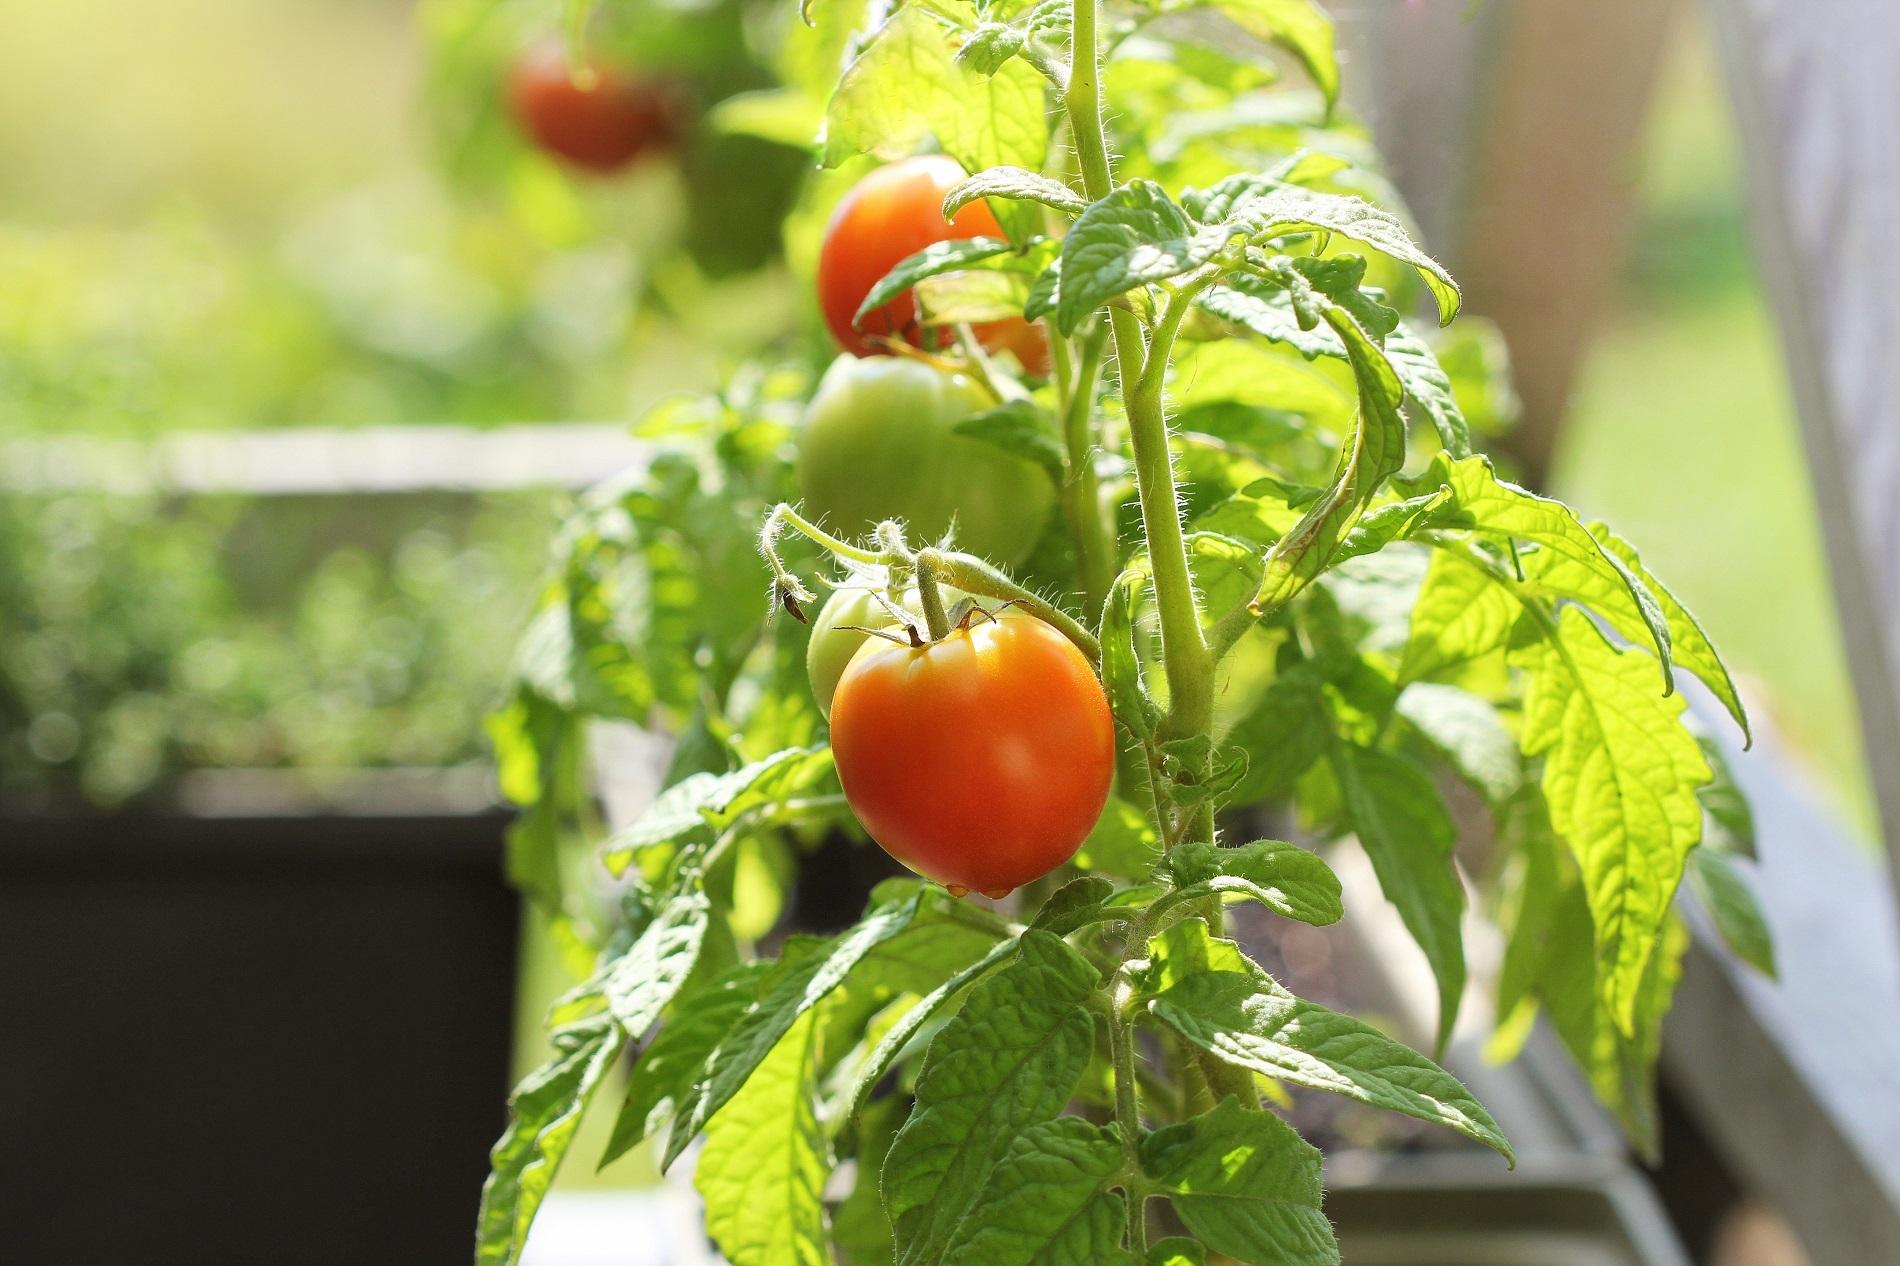 ¿Qué cuidados debes aplicar a tu huerto doméstico en los meses de verano?